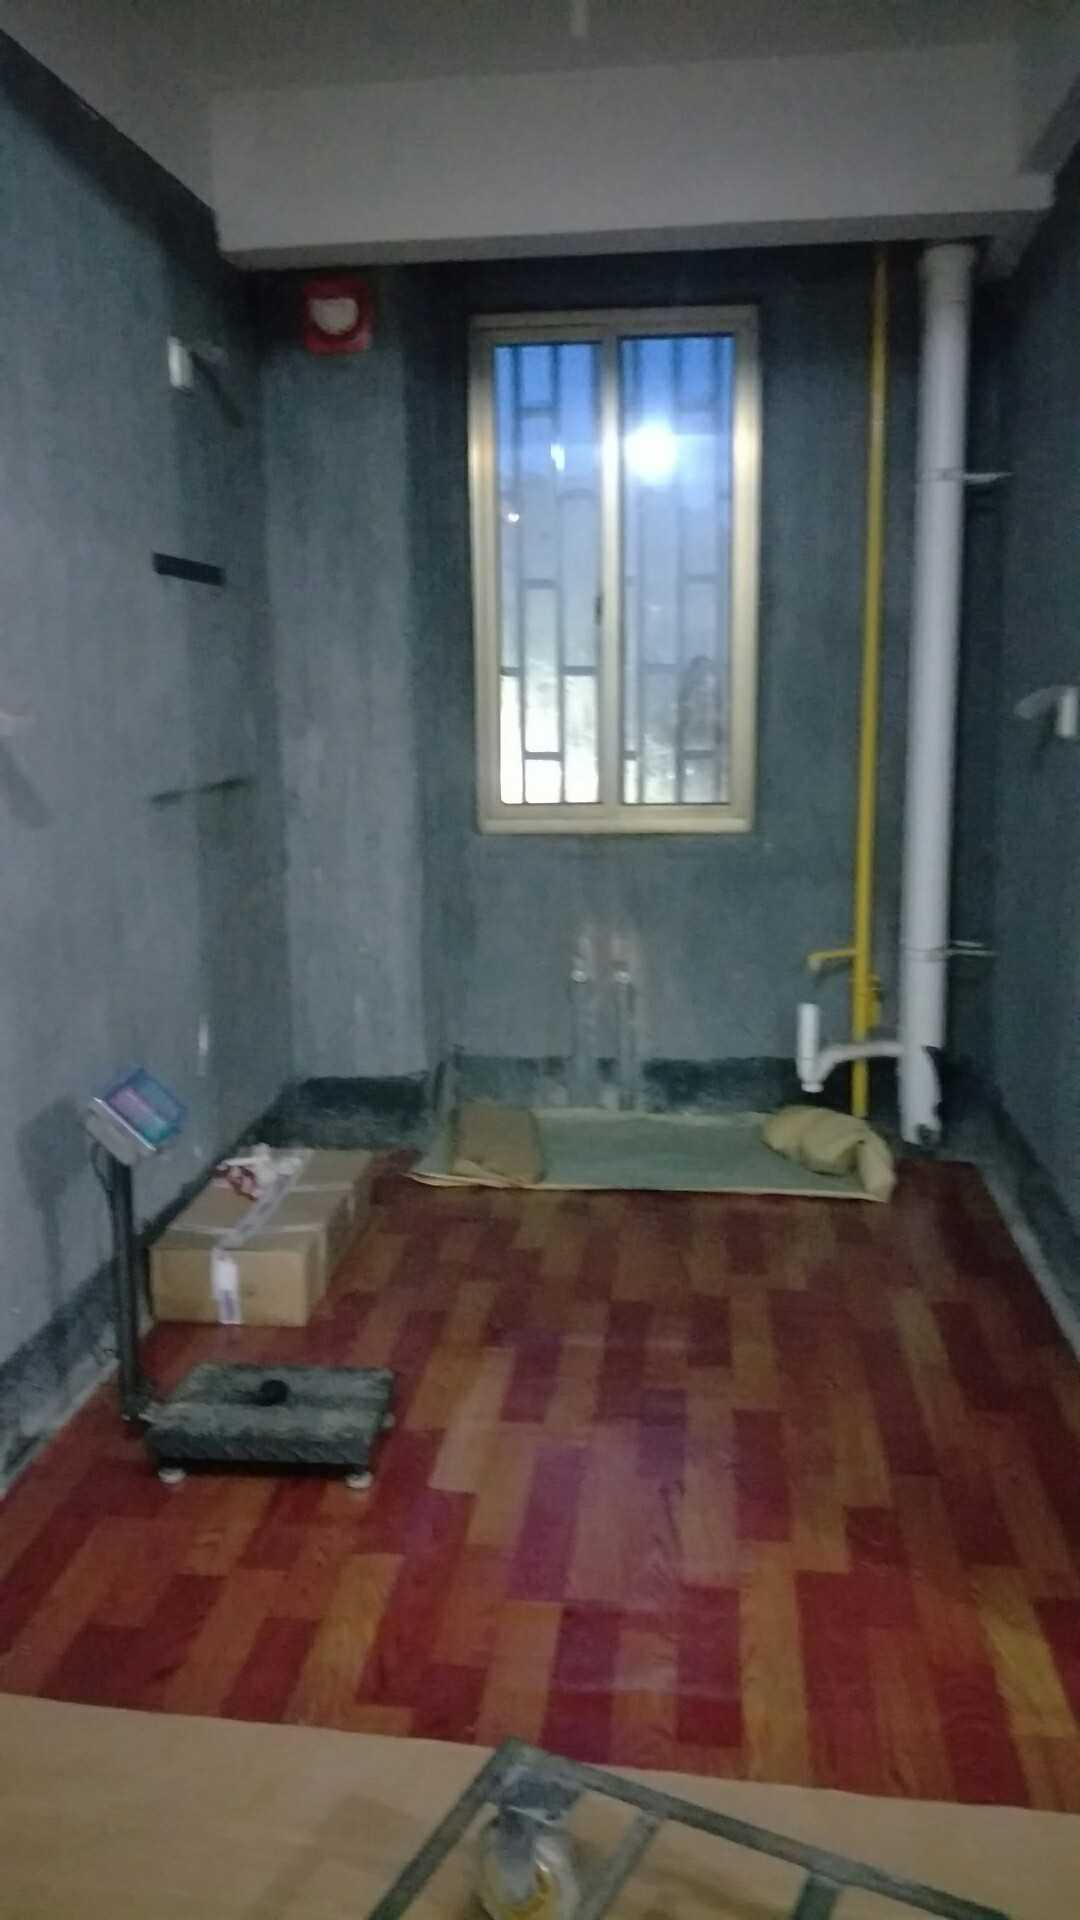 07032暂不售出售城北状元名苑学区房9楼,简装(卫生间做好,窗帘安好有床,其他无),88平方,3室一厅2阳台的实拍照片